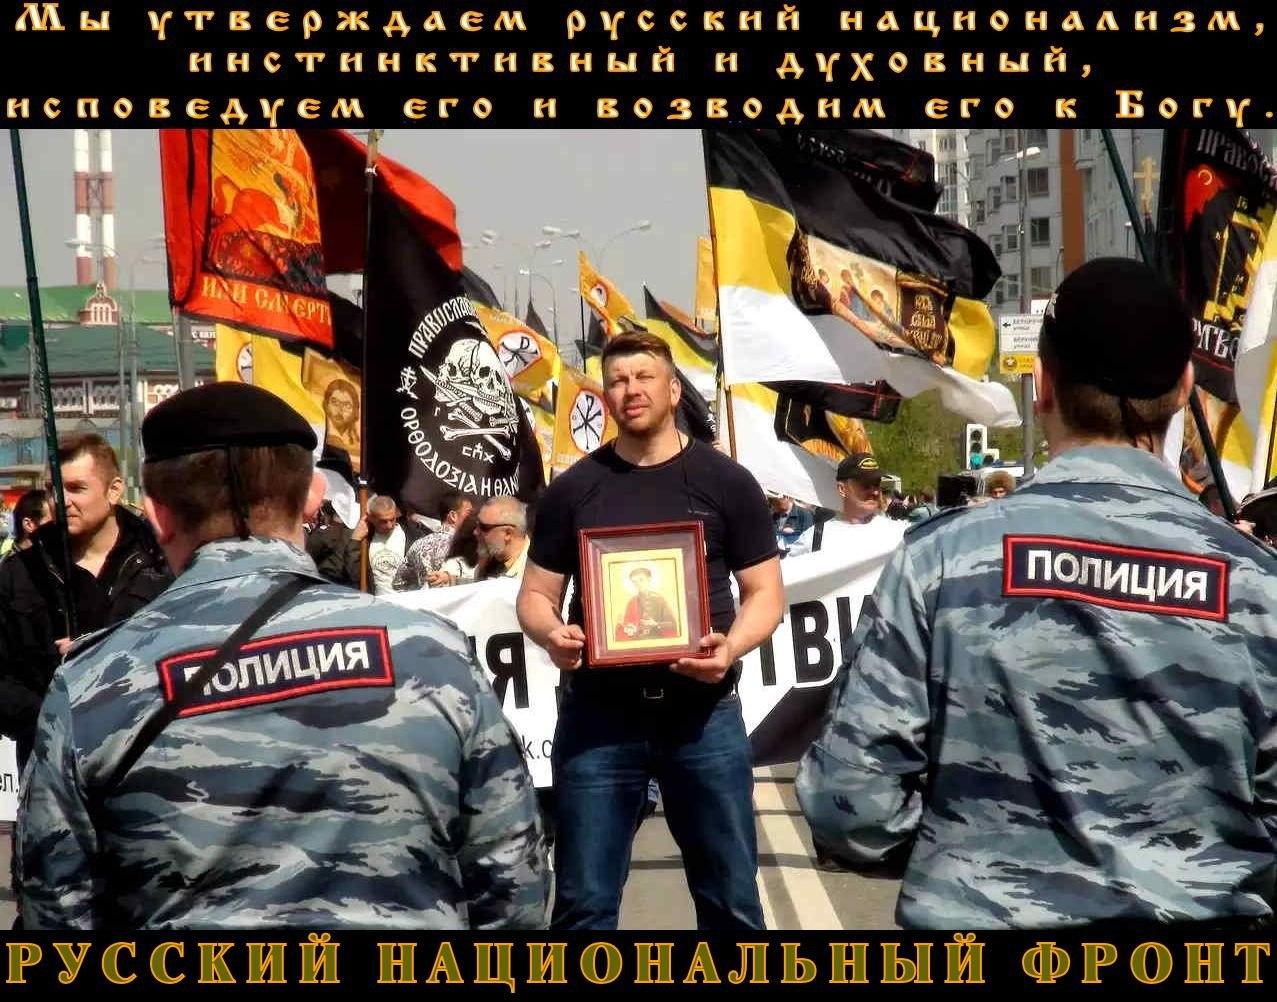 Народные лидеры вернут власть народу.. Если, только они русские националисты-ильинисты, а не совки, коммунисты и жидисты.